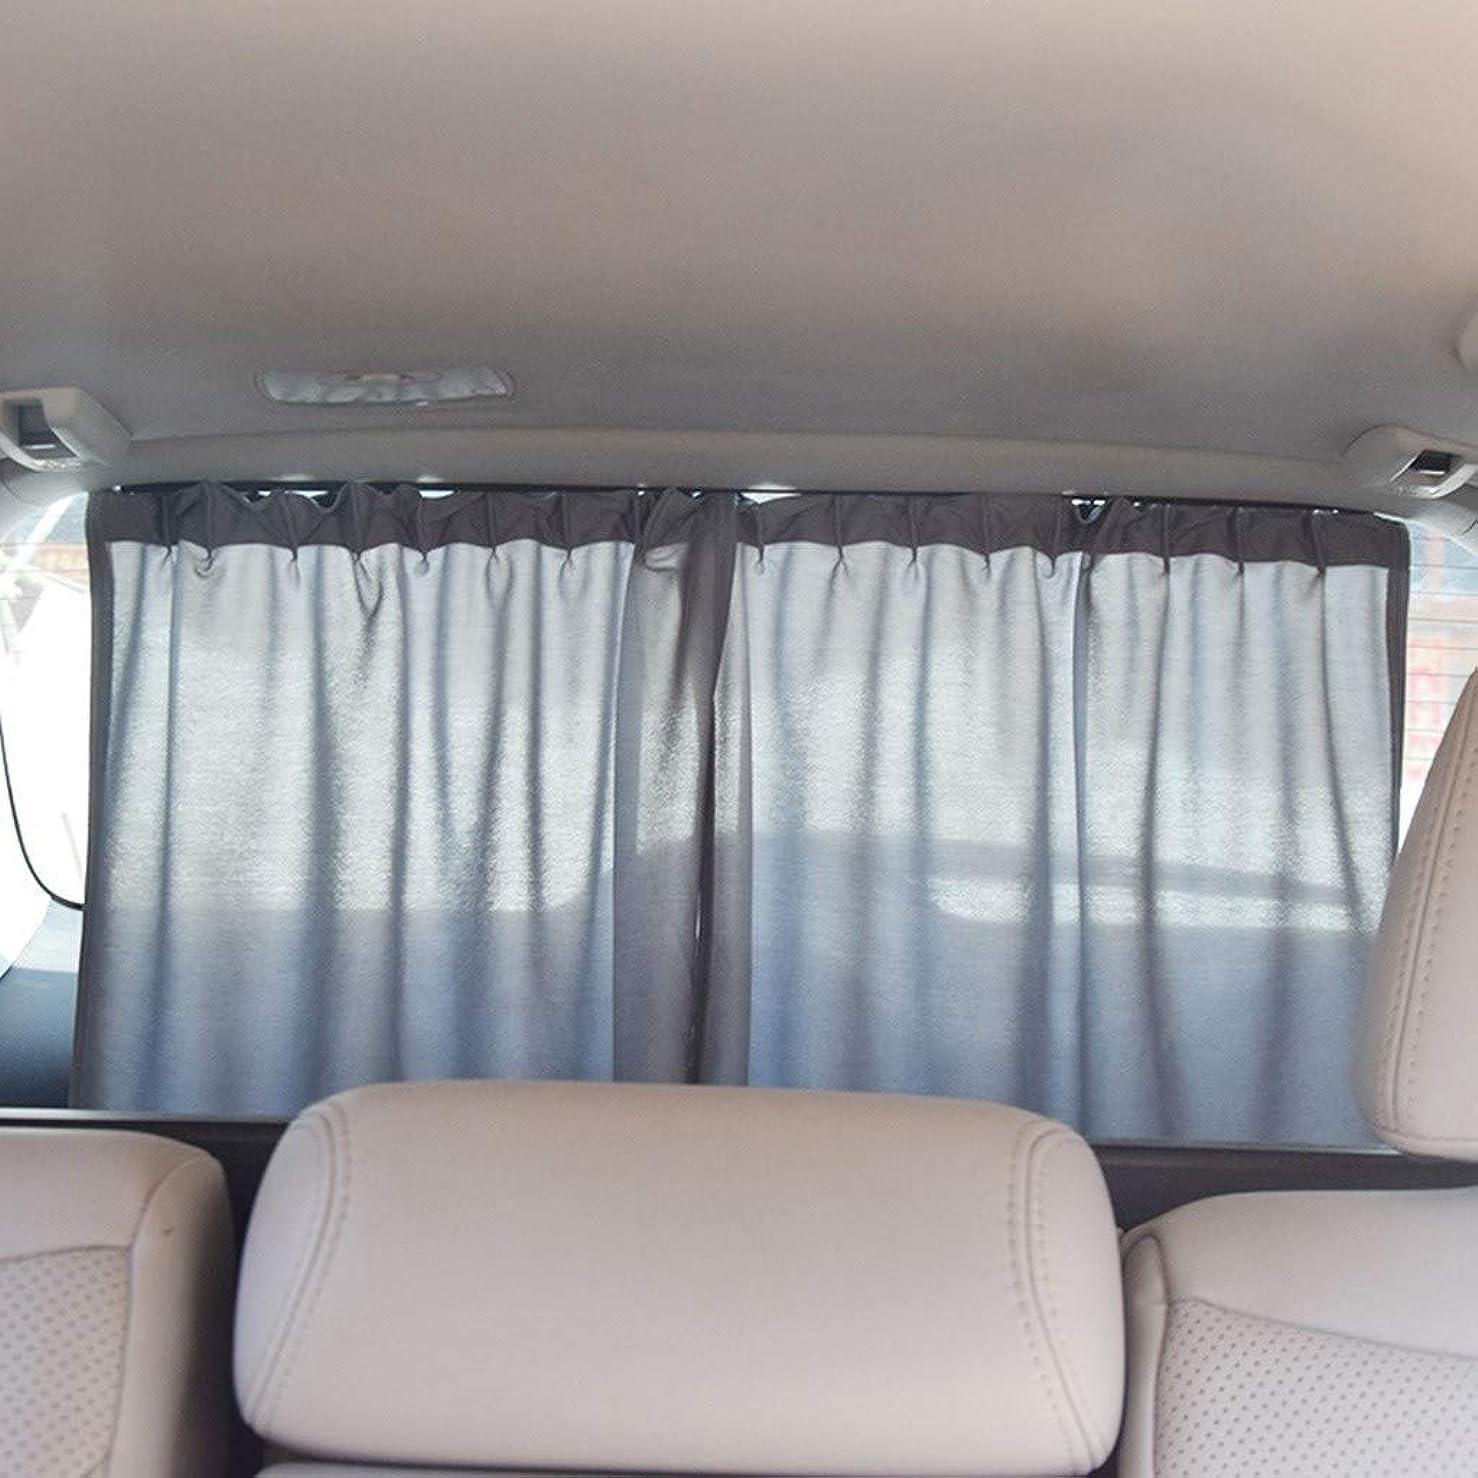 穀物本当に叱る車用カバーライト 断熱不透明な布はほとんどの車のためのあなたのプライバシーフィットを守るカーテンシェードをインストールするには、リアウィンドウサンシェイド、多機能簡単 カバーライト (Color : Gray, Size : 50*55CM)